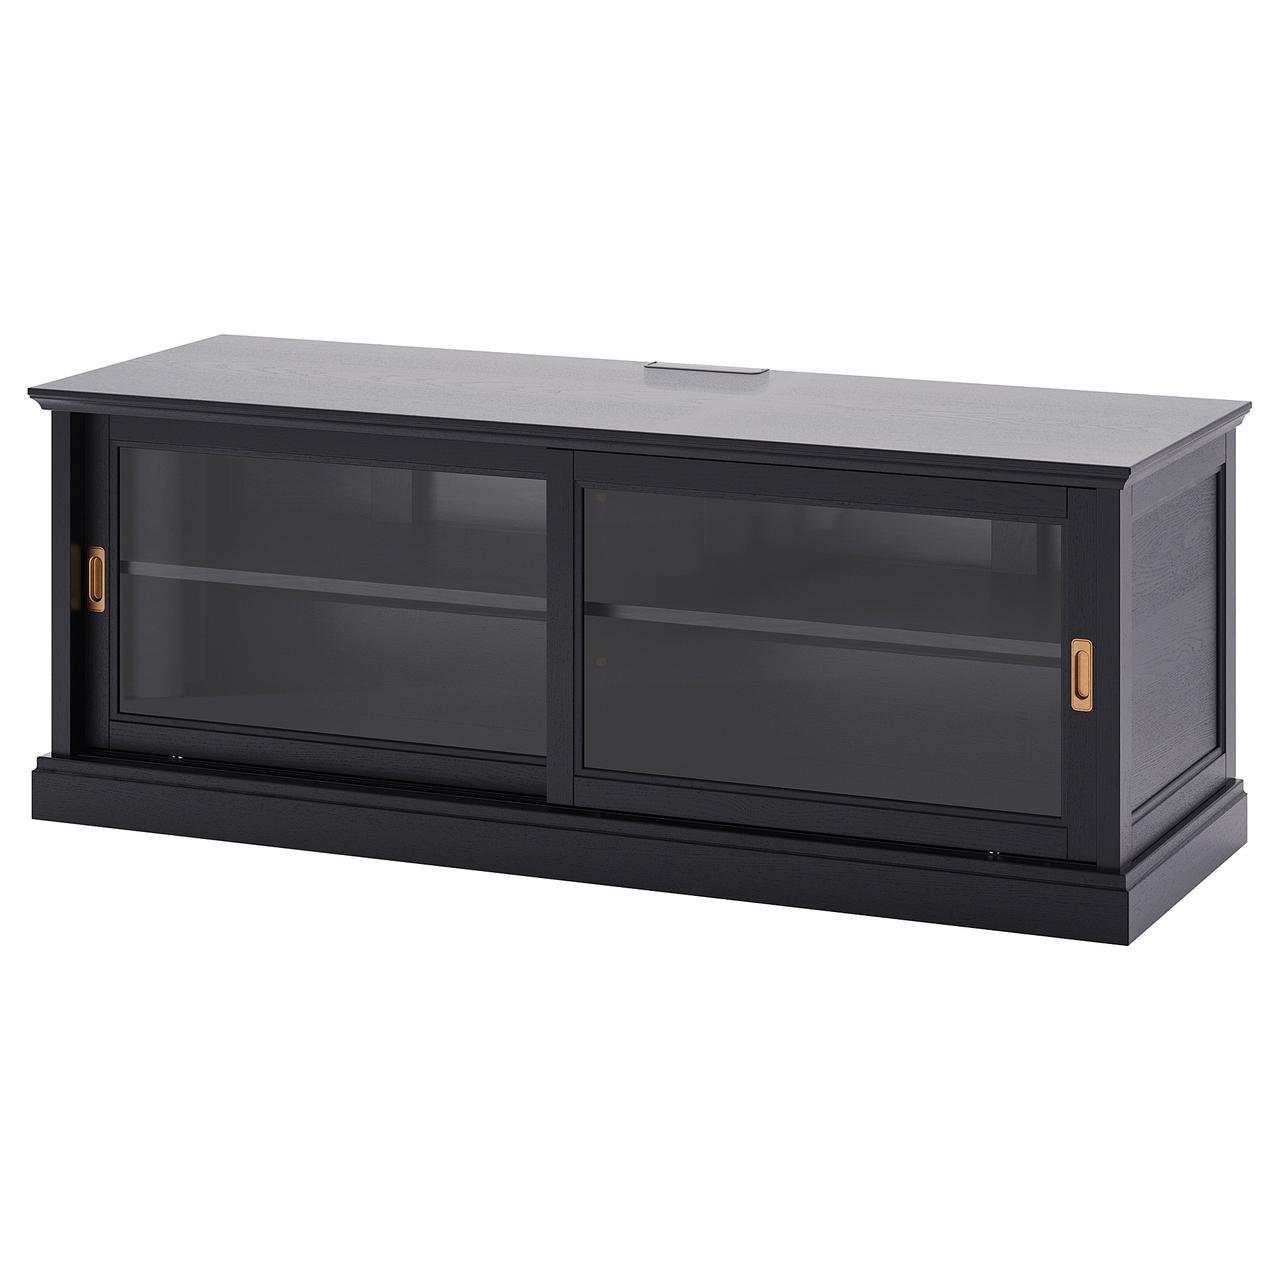 МАЛЬШЁ Тумба под ТВ с раздвижными дверцами, черная морилка